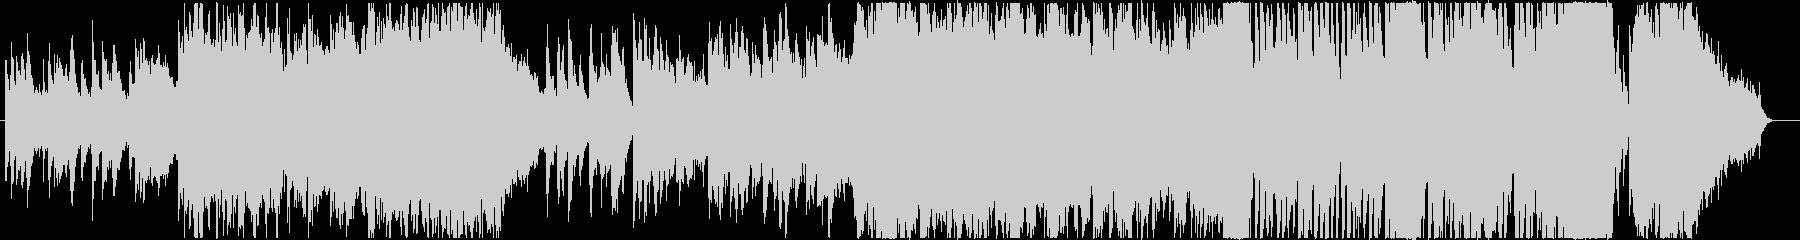 琴の音が印象的な日本的で和風なBGMv2の未再生の波形